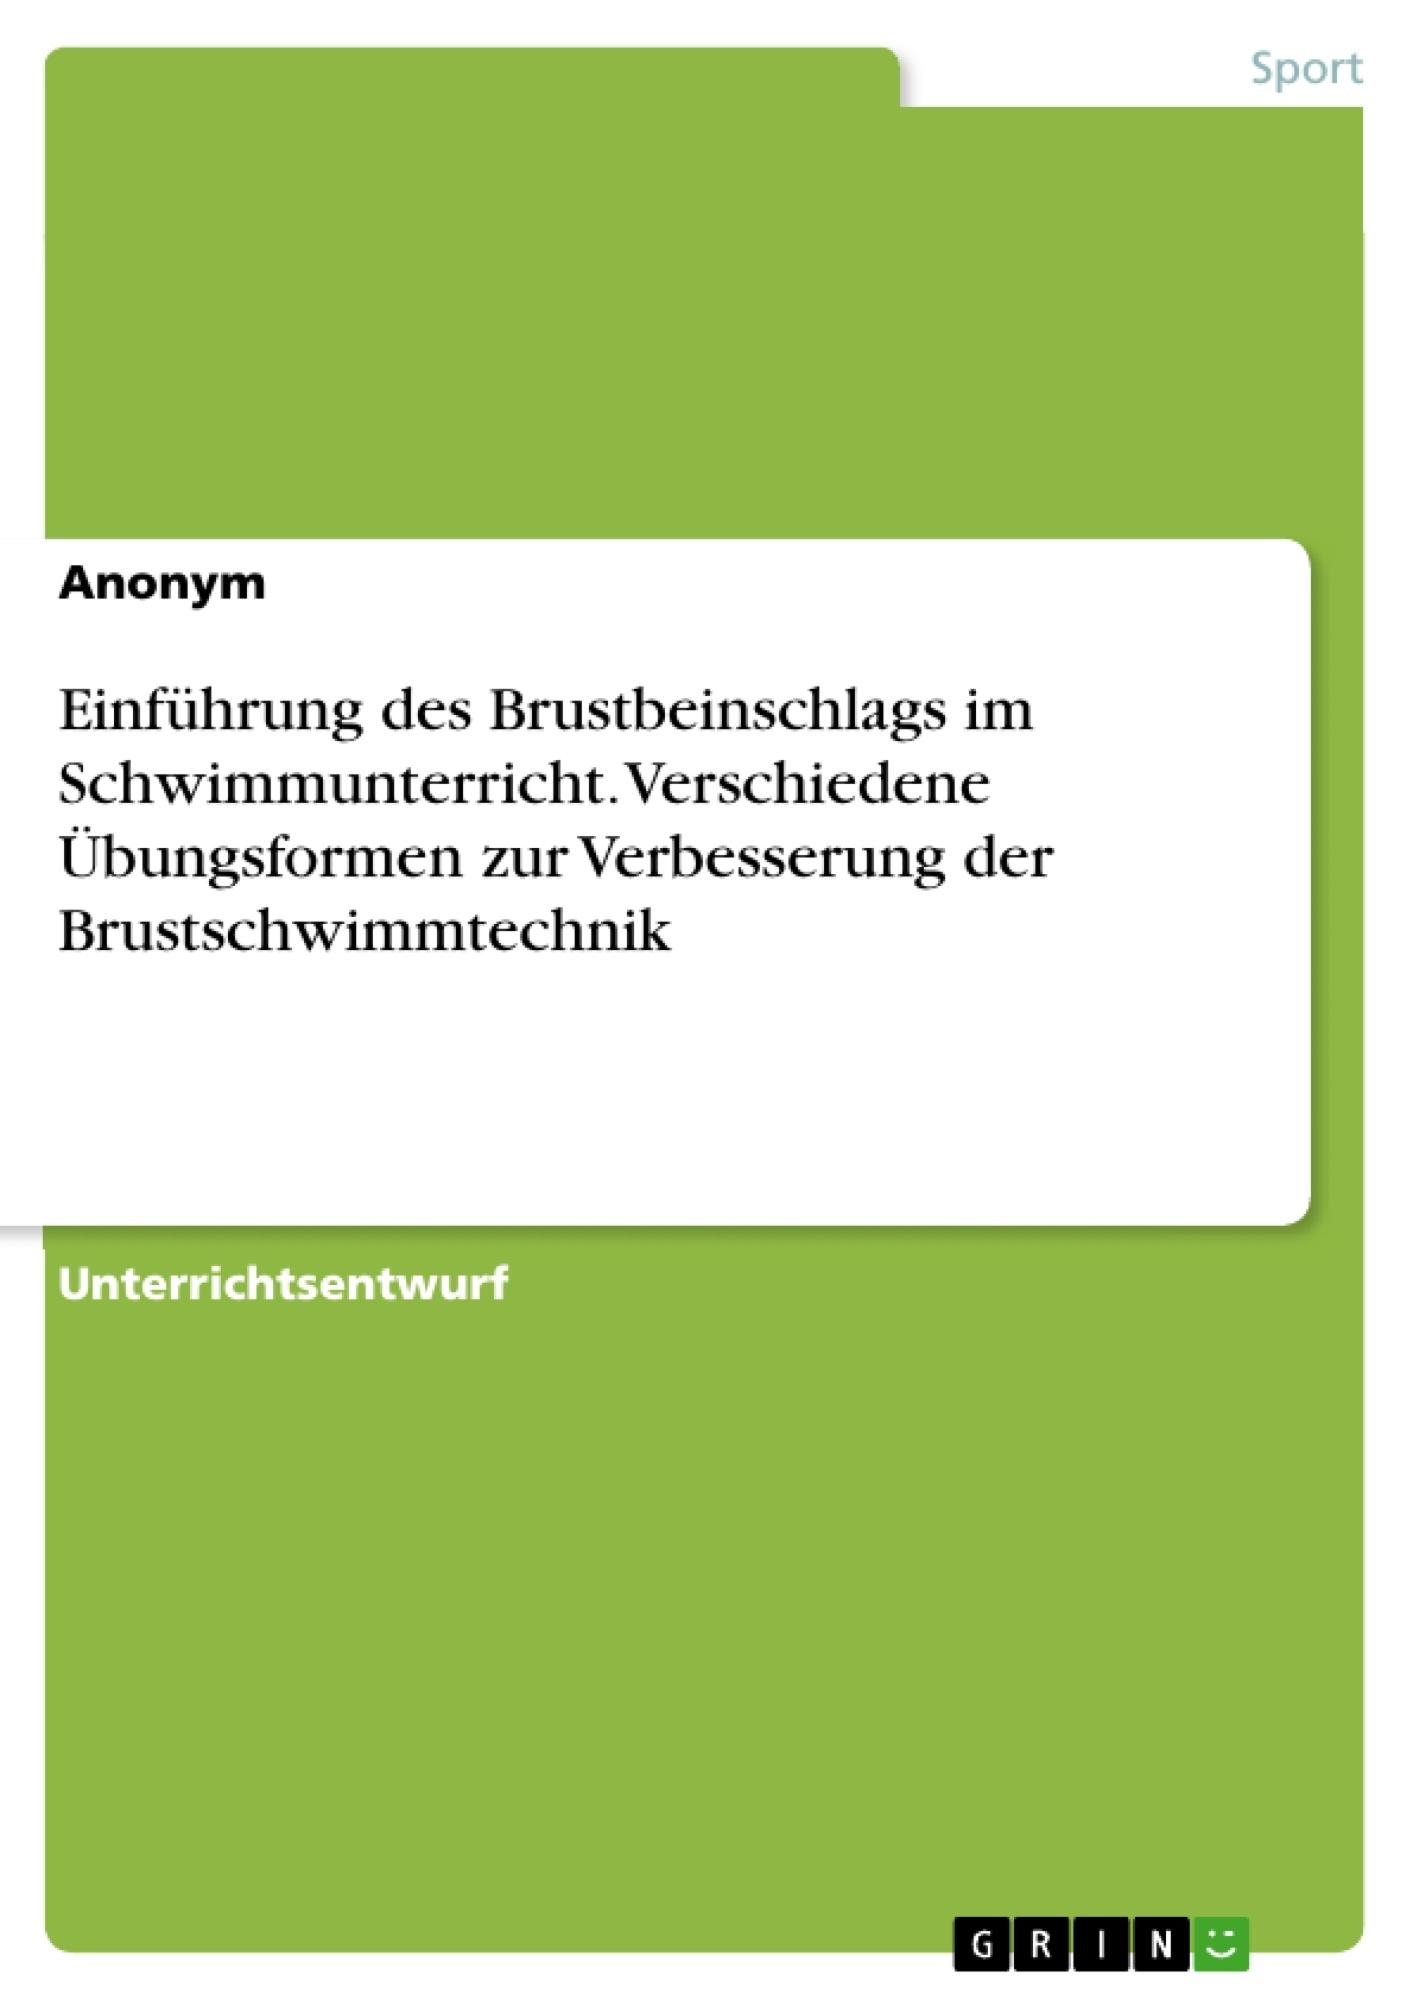 Titel: Einführung des Brustbeinschlags im Schwimmunterricht. Verschiedene Übungsformen zur Verbesserung der Brustschwimmtechnik